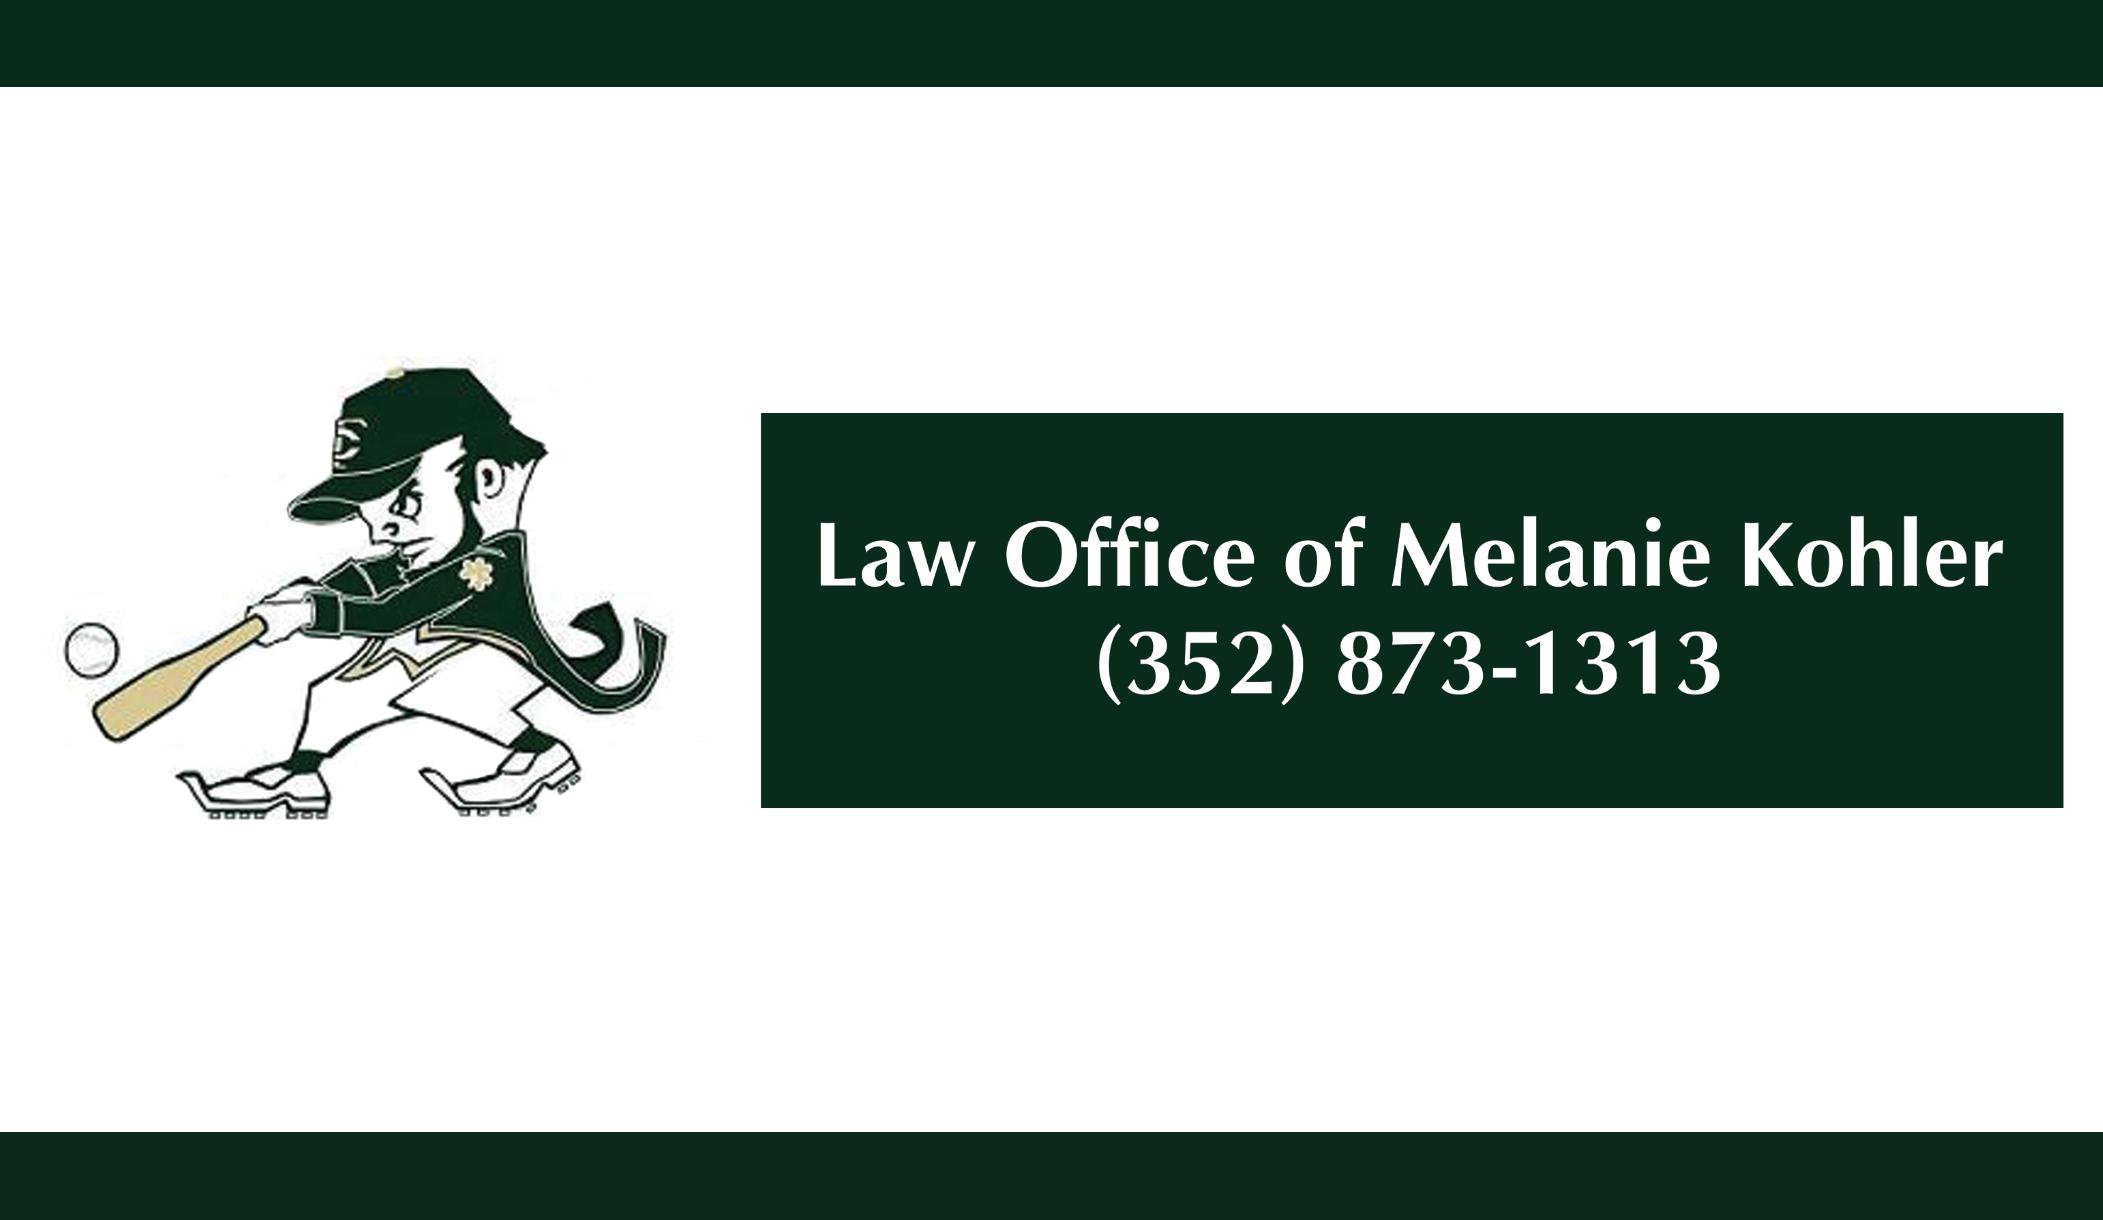 TCHS Law Office of Melanie Kohler 2014 Sponsor Banner | BB Graphics ...